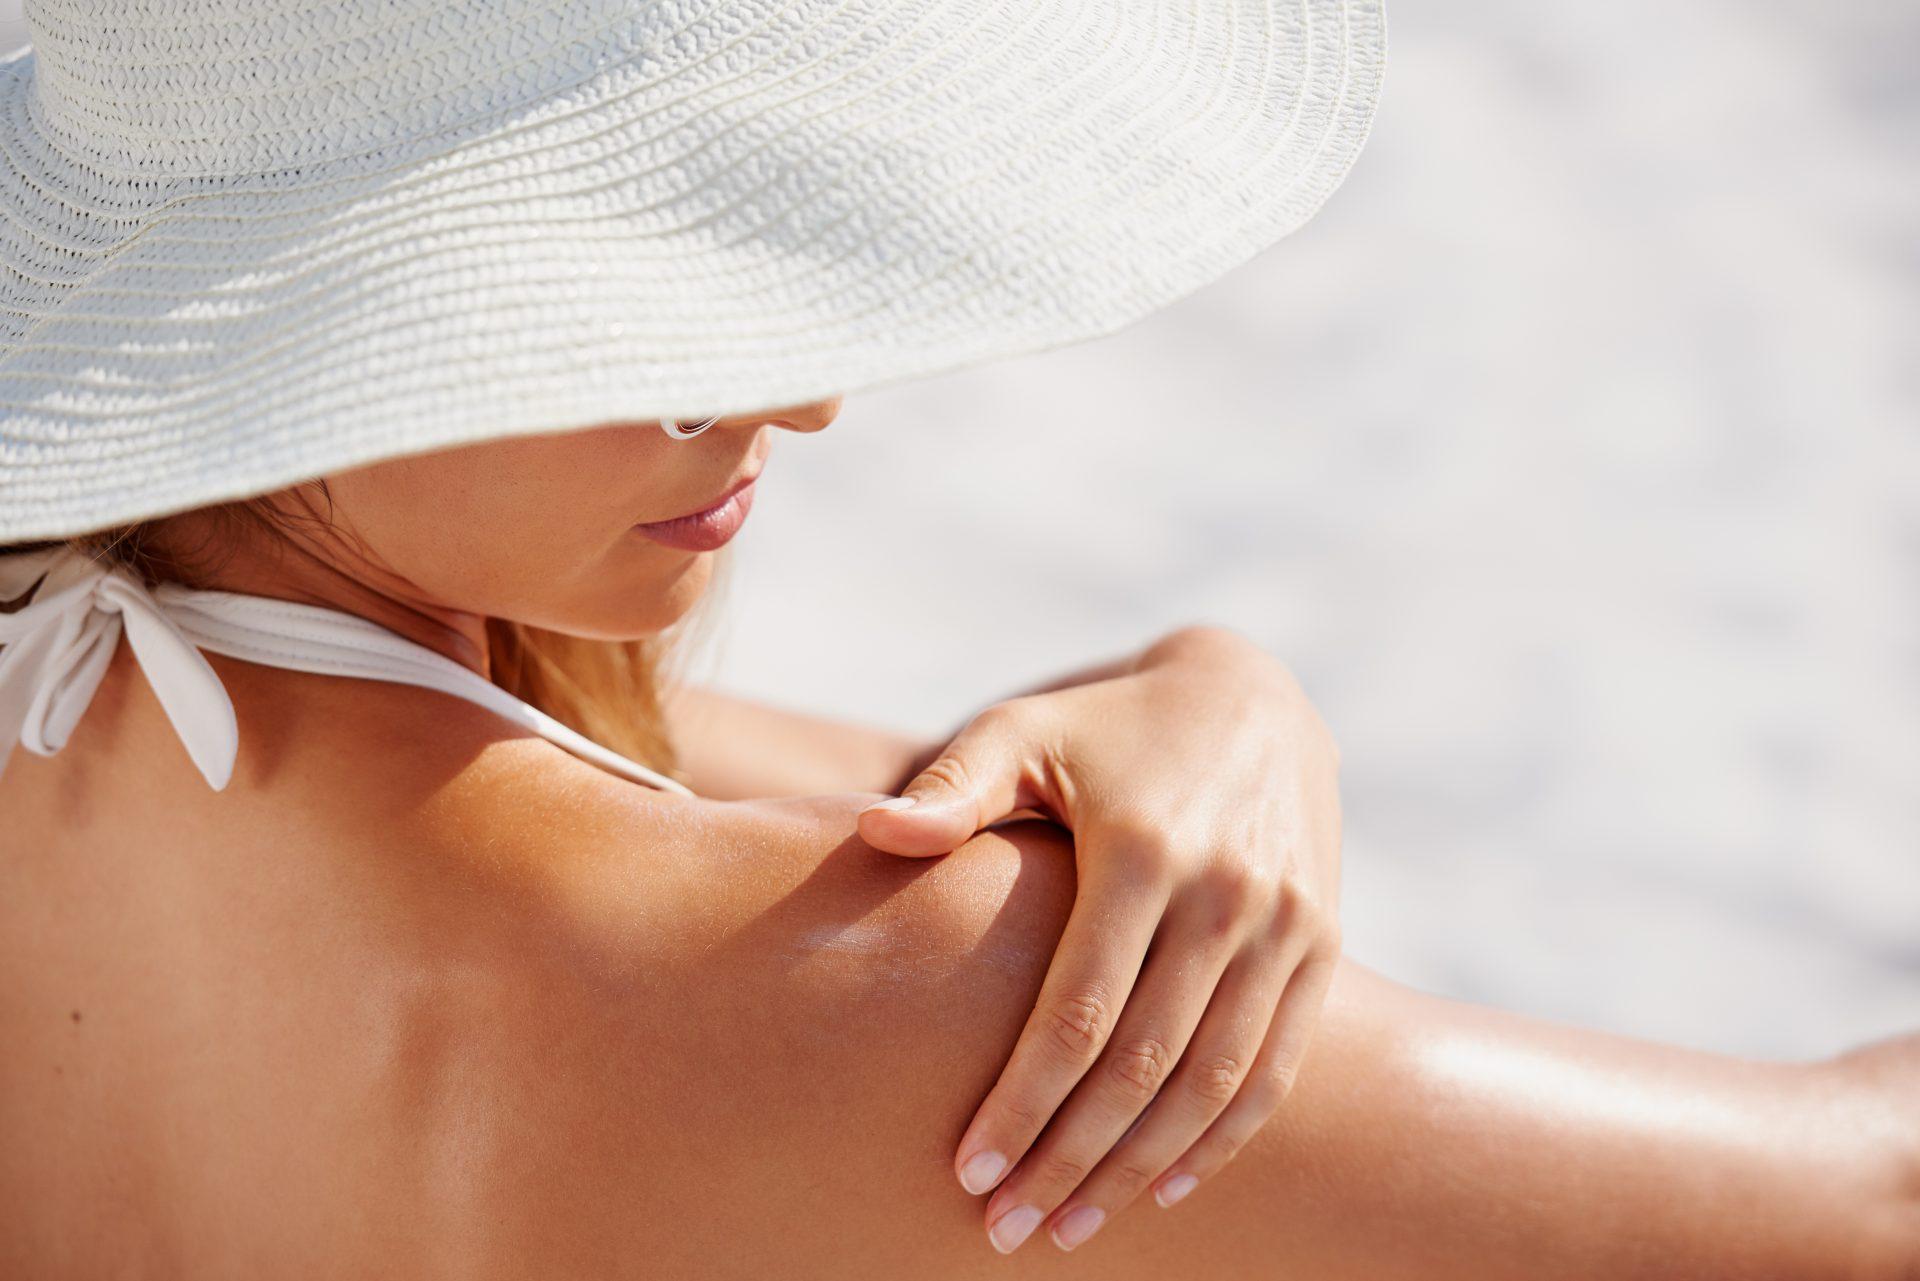 Die sogenannte Mallorca Akne ist eine fiese Reaktion der Haut